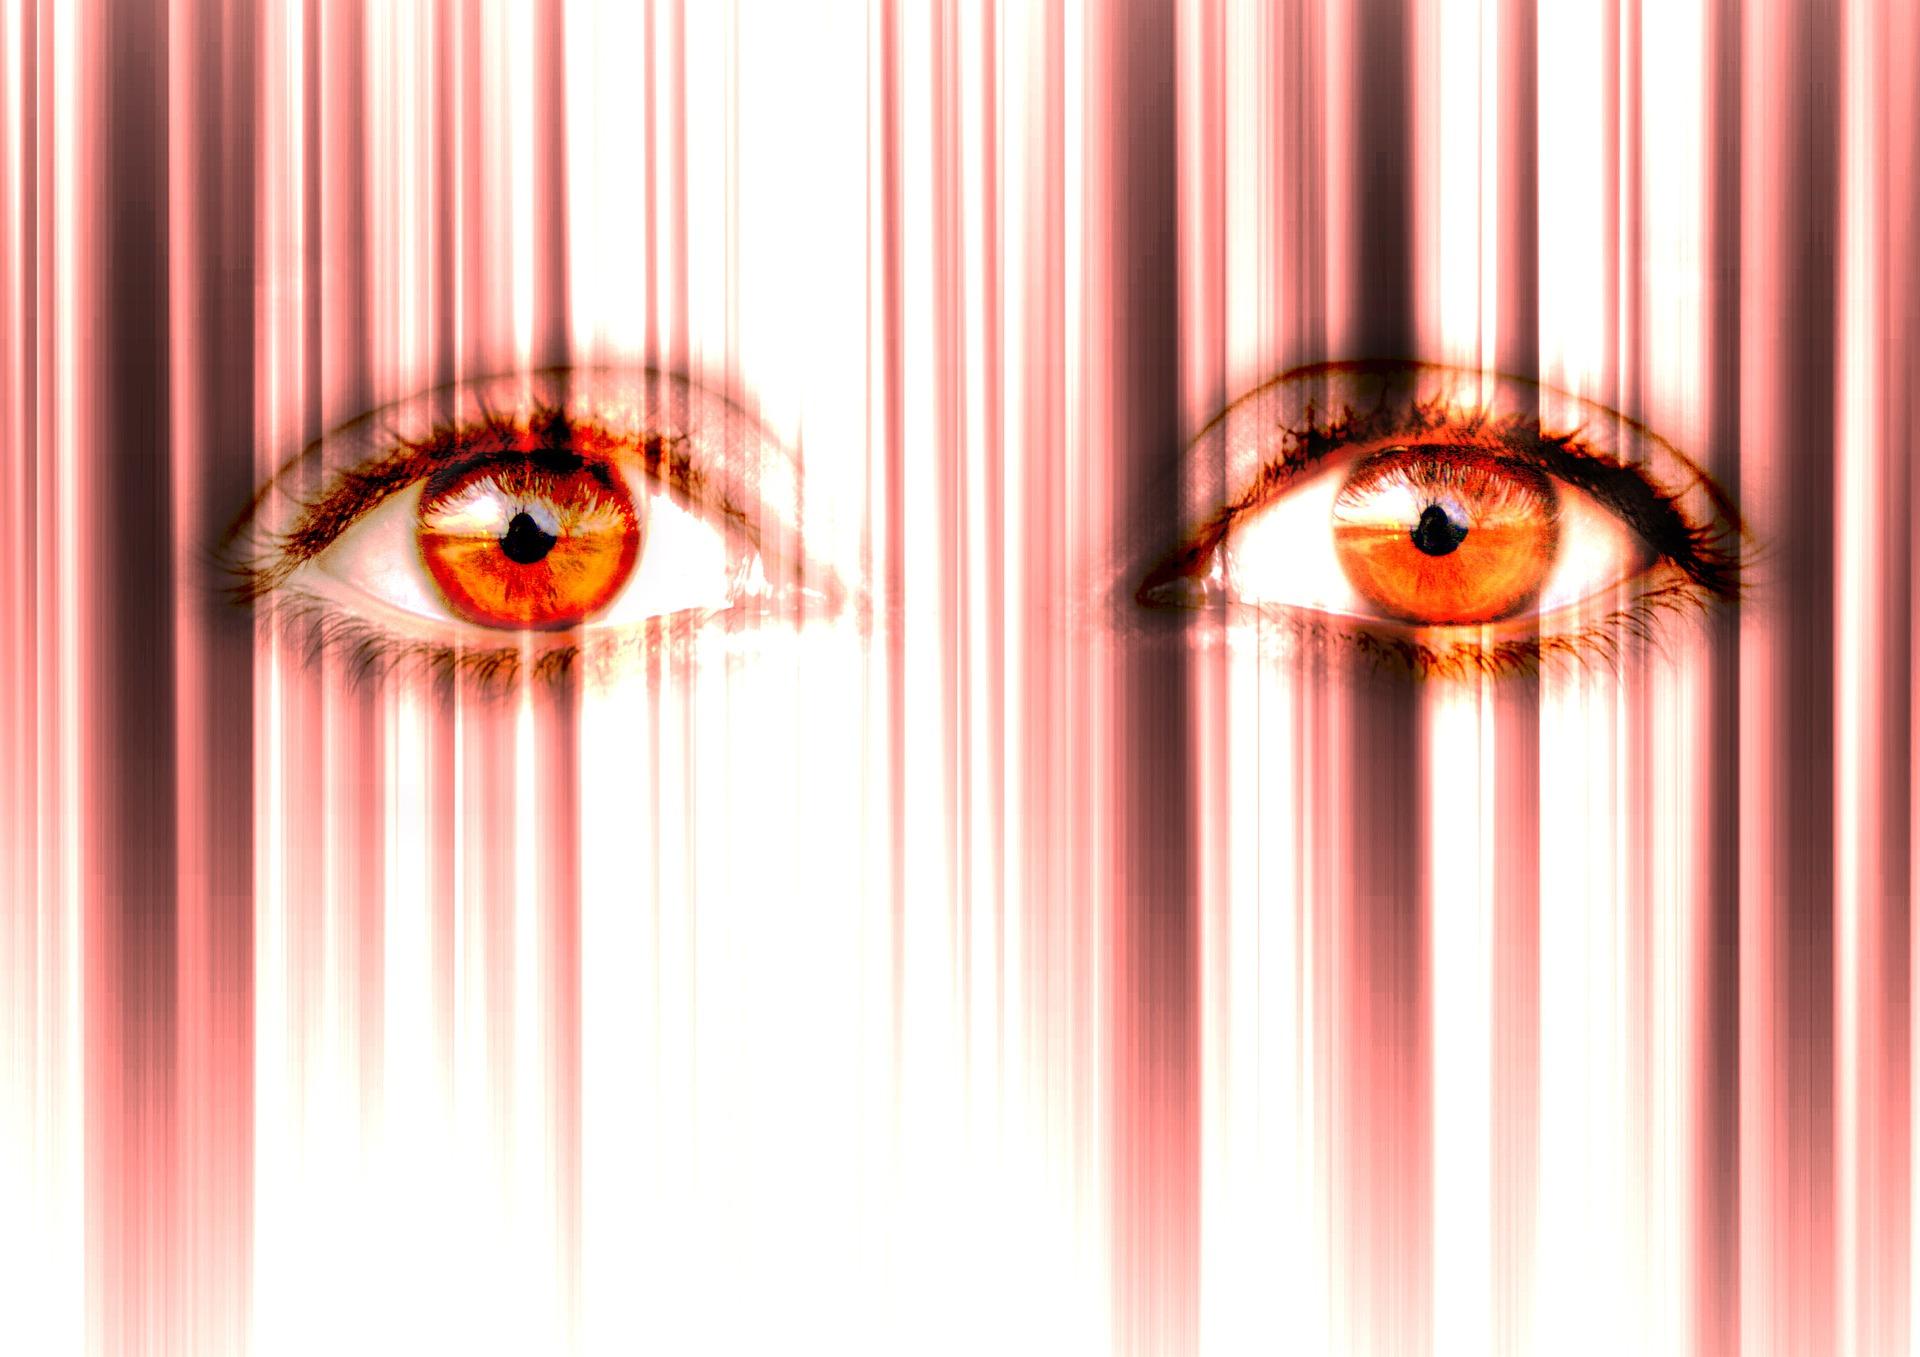 eyes-730751_1920.jpg